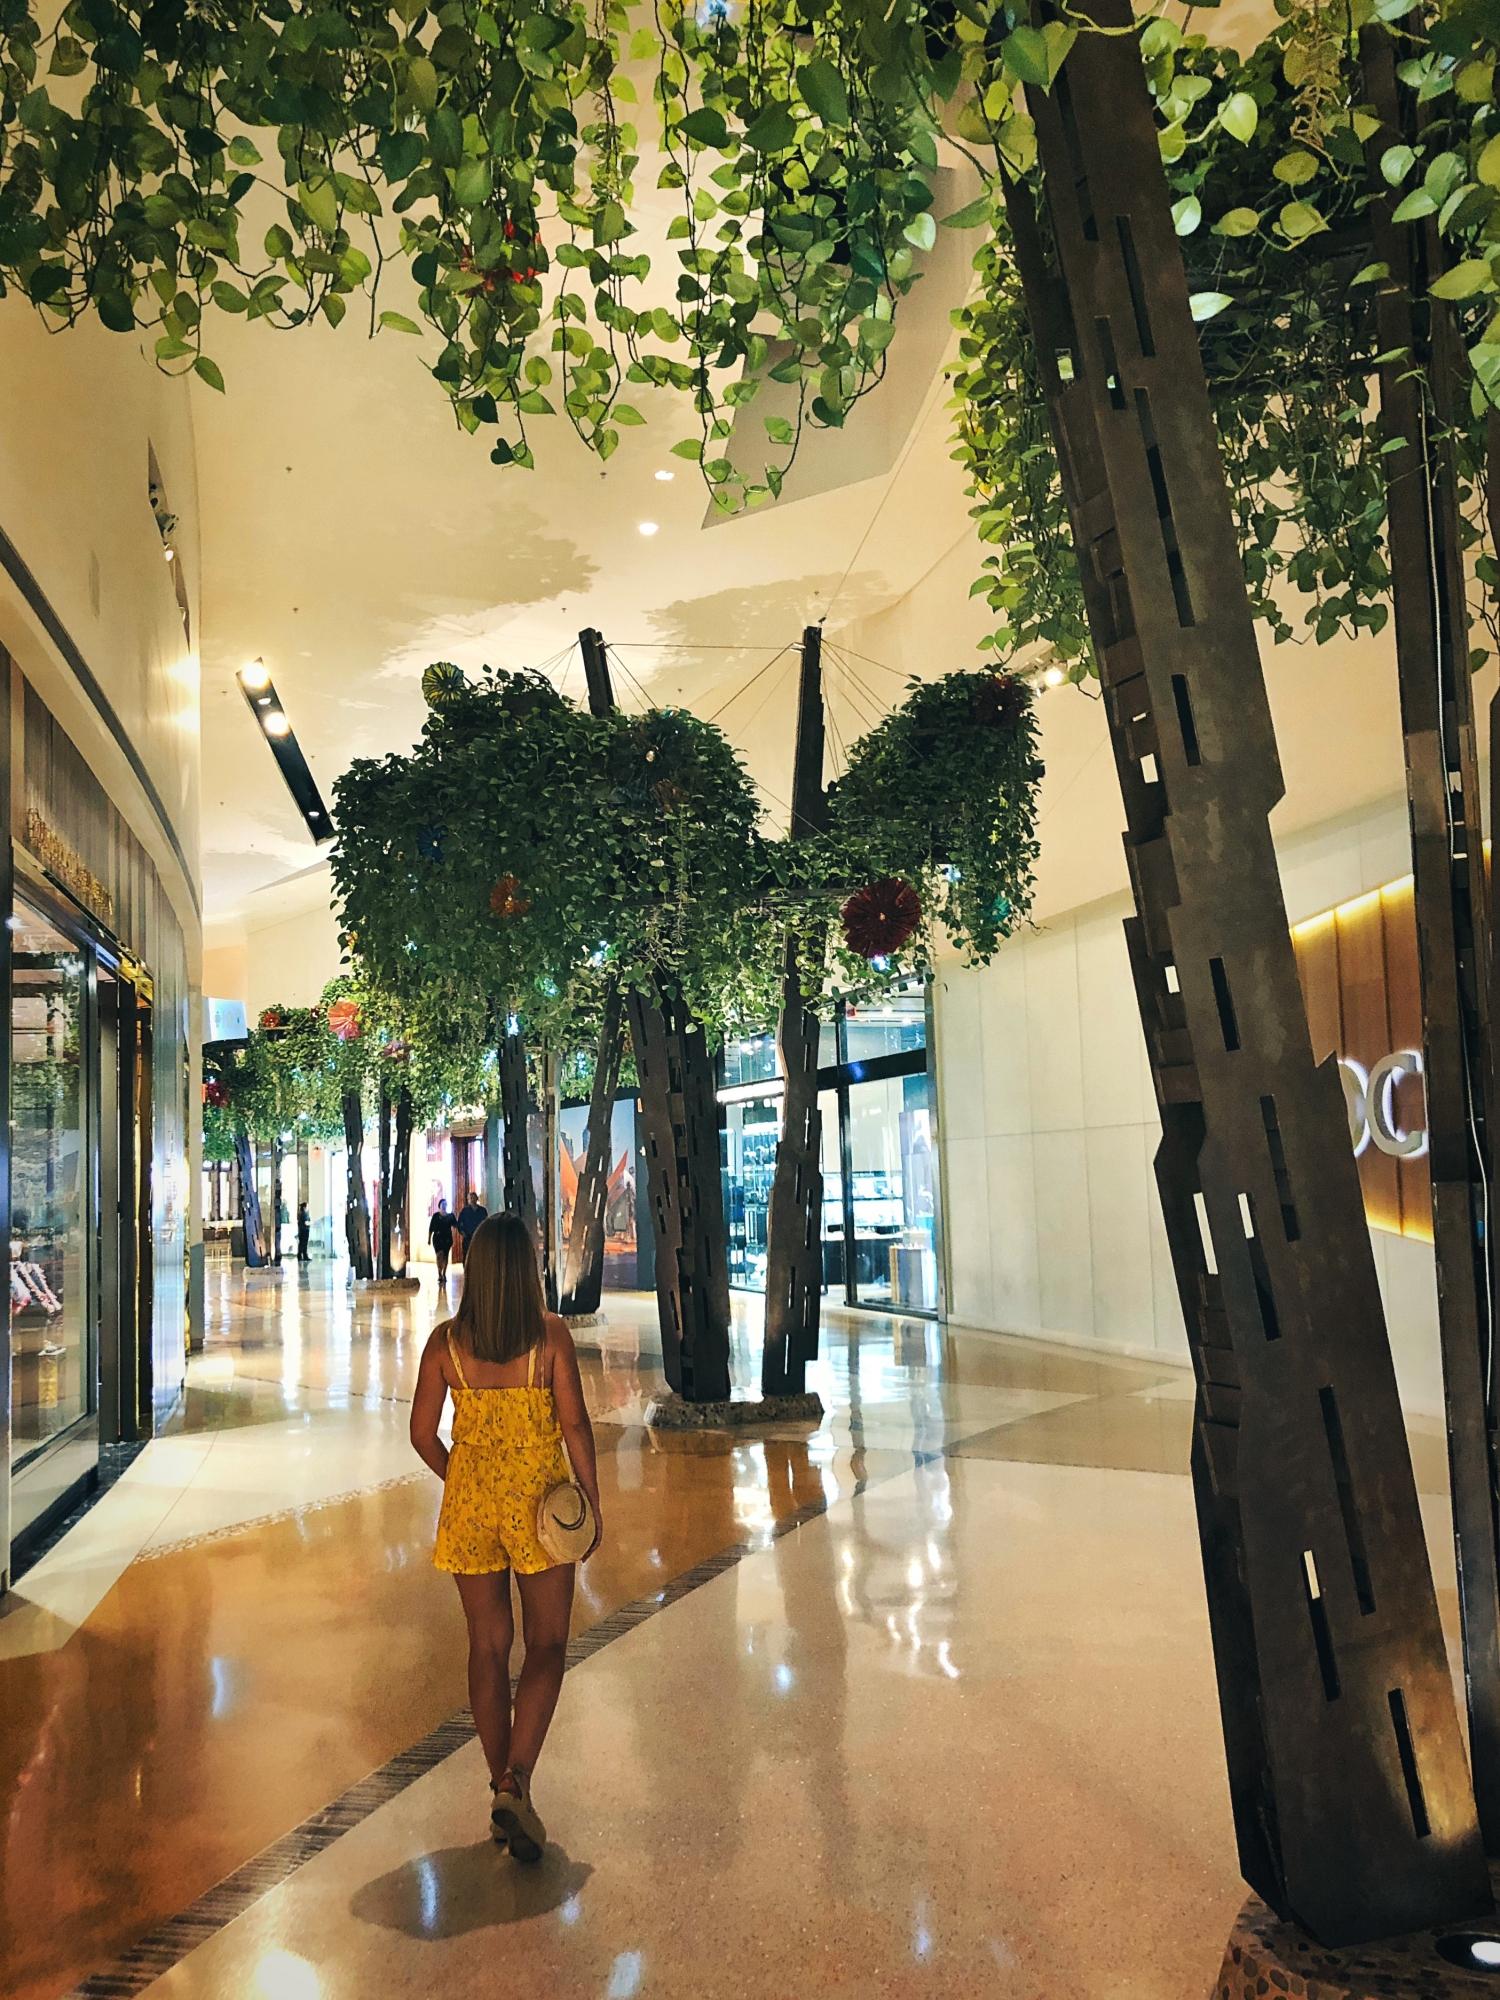 Las Vegas - Cosmopolitan Mall